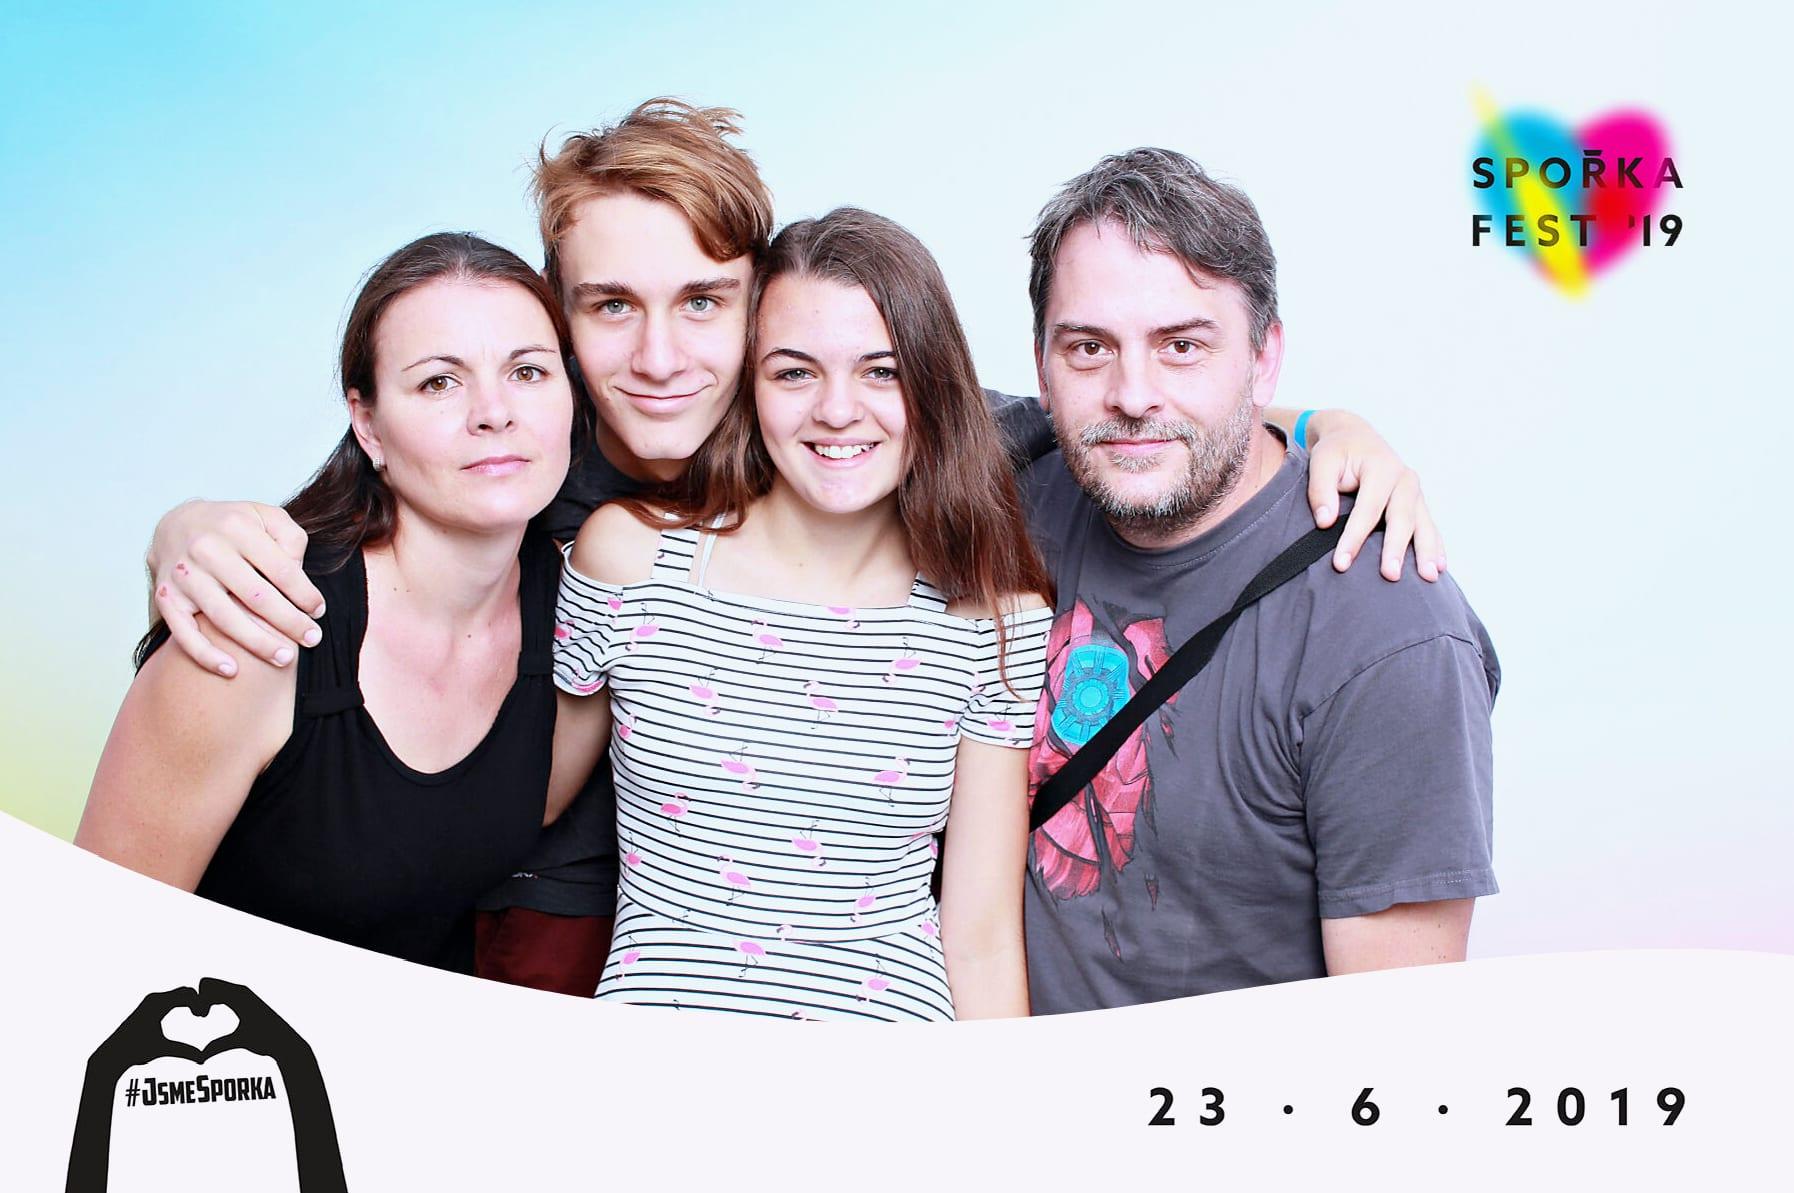 fotokoutek-festival-praha-sporka-fest-6-23-6-2019-636036